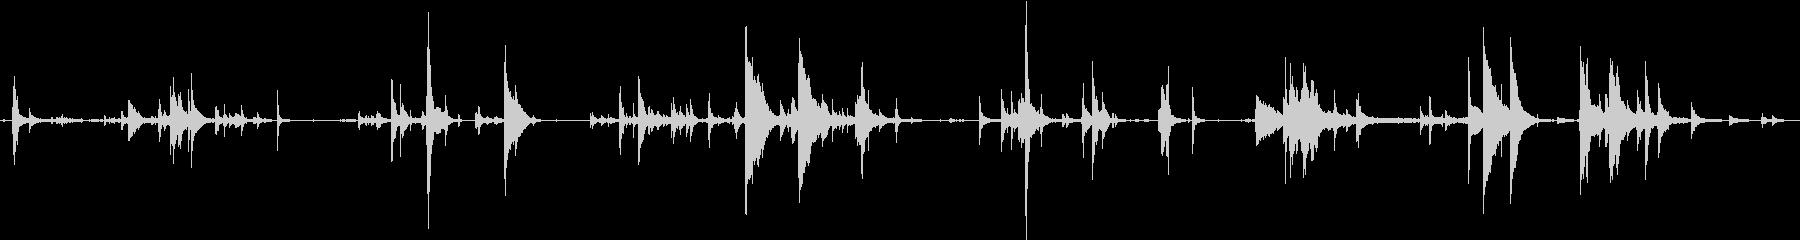 鎖・チェーンの効果音 05の未再生の波形